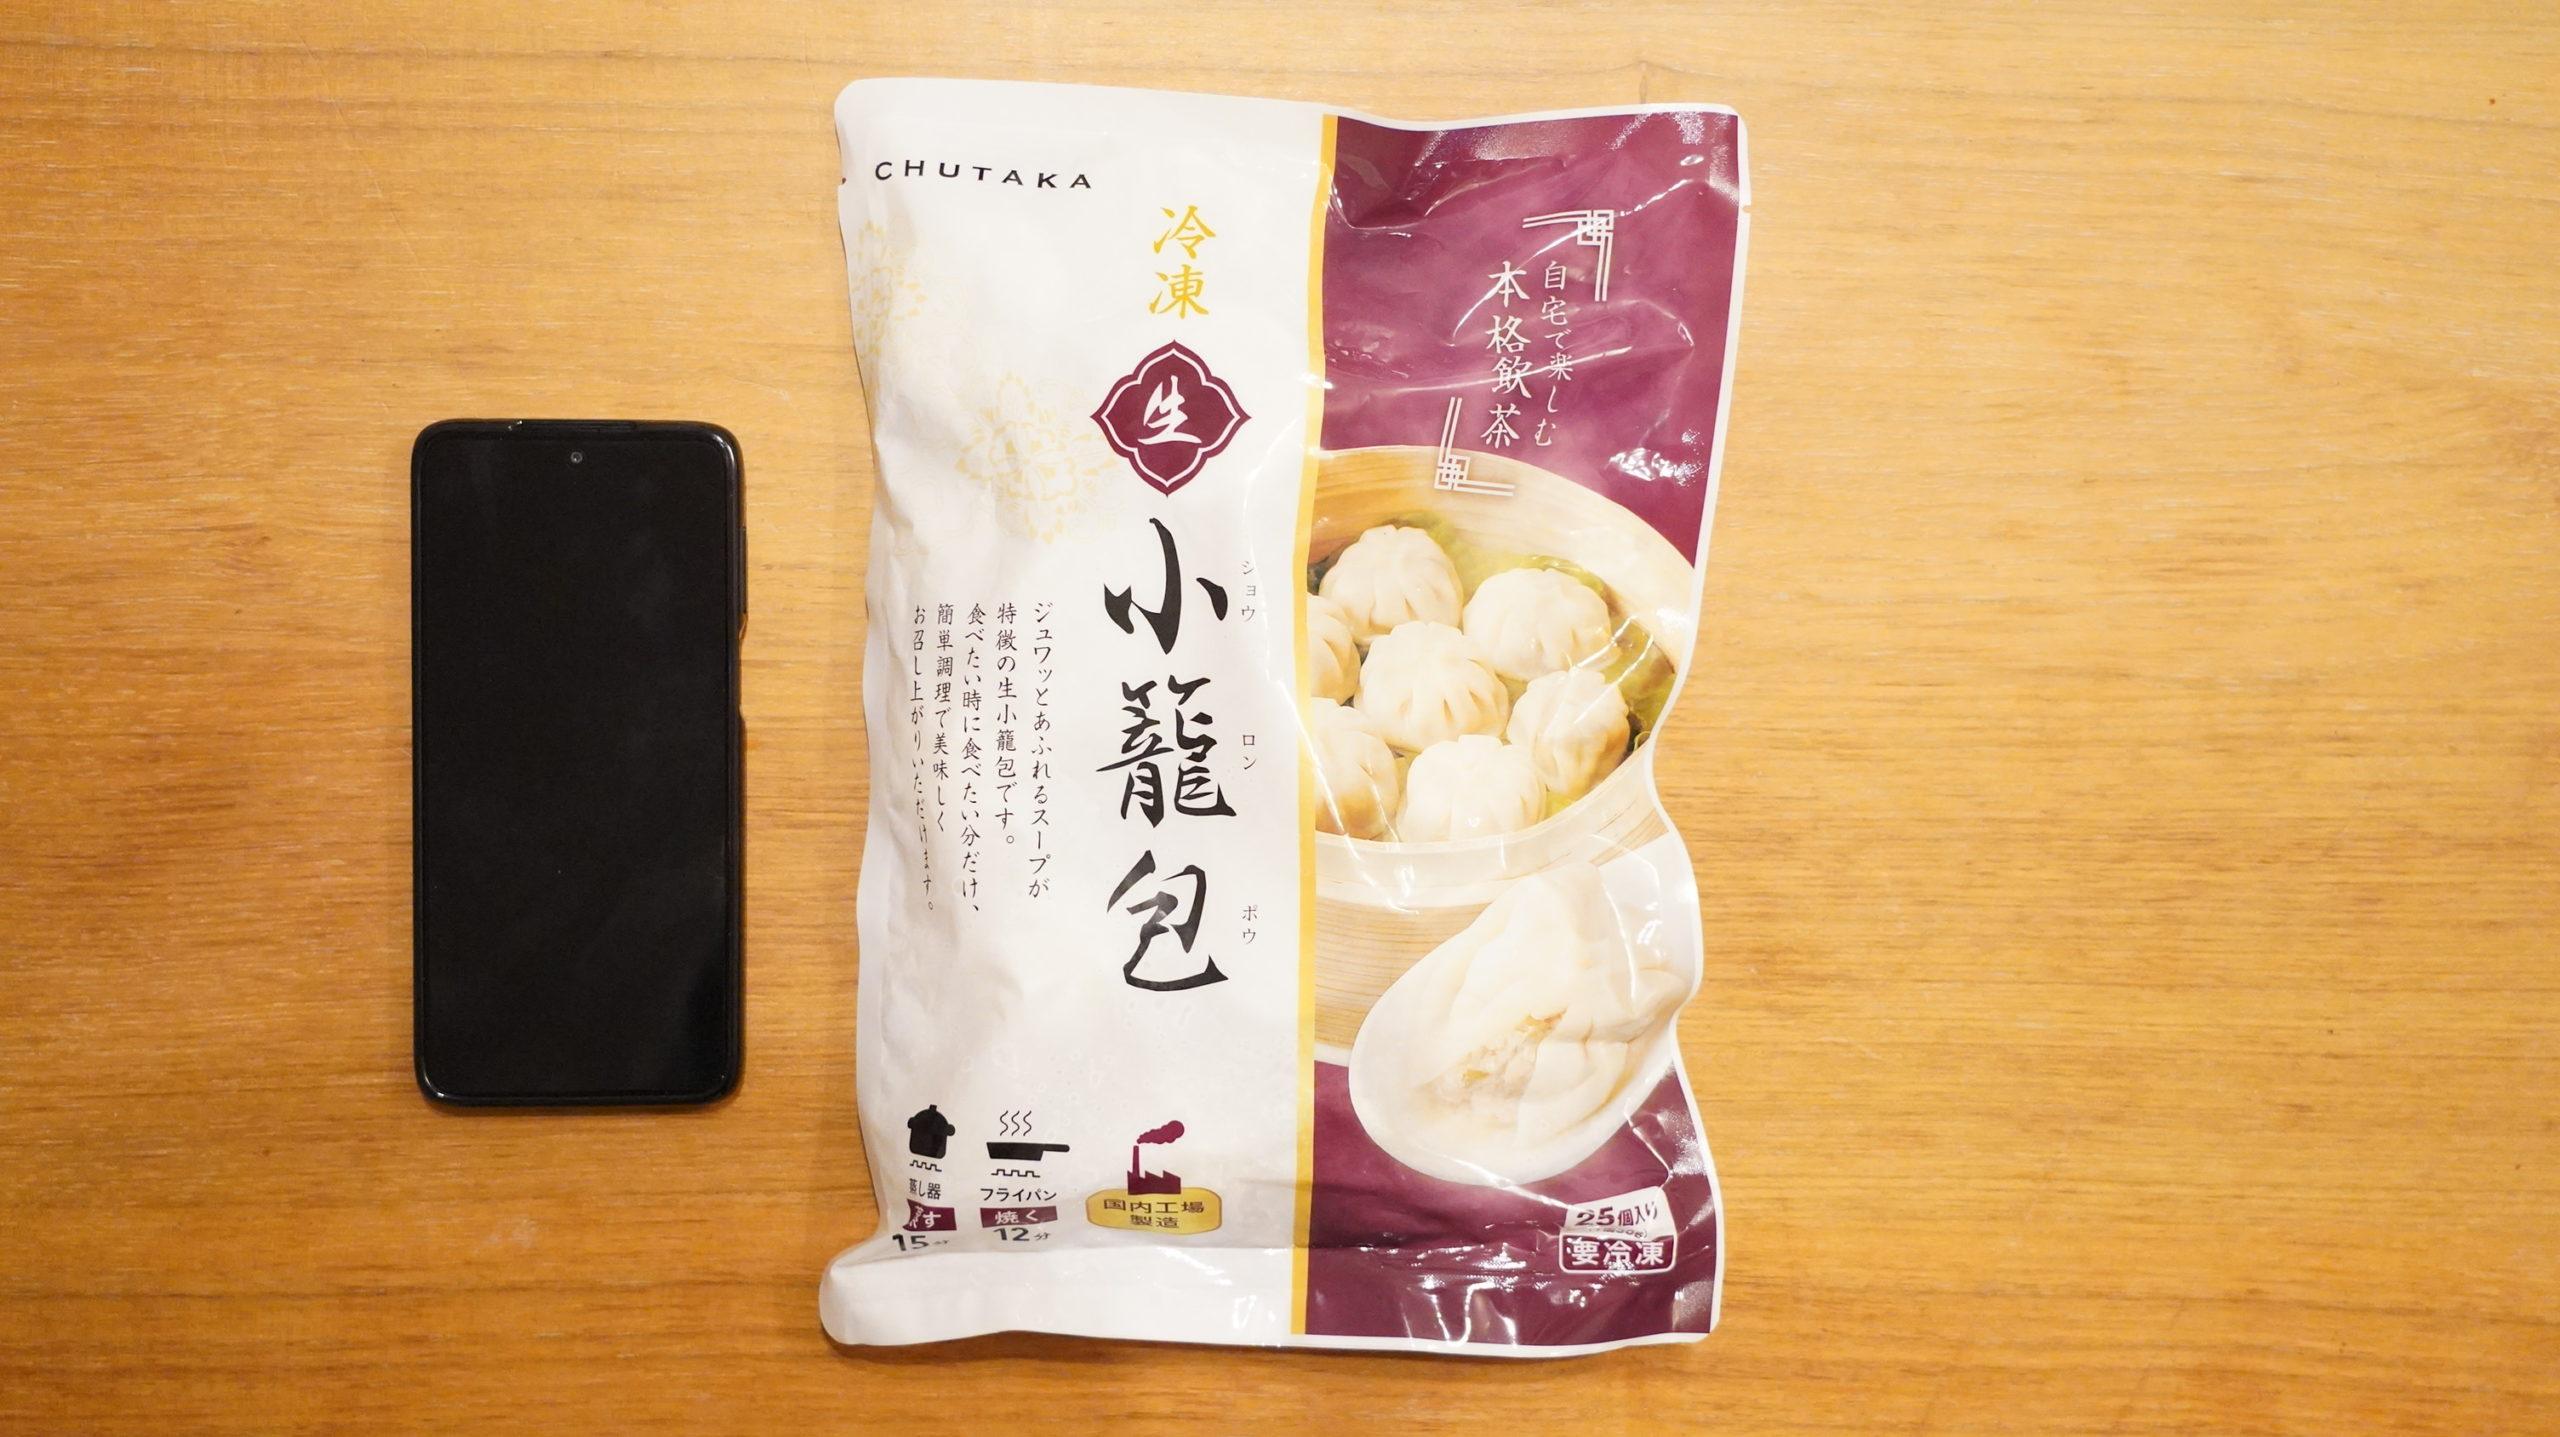 コストコの冷凍食品「冷凍・生・小籠包」のパッケージとスマホの大きさを比較した写真